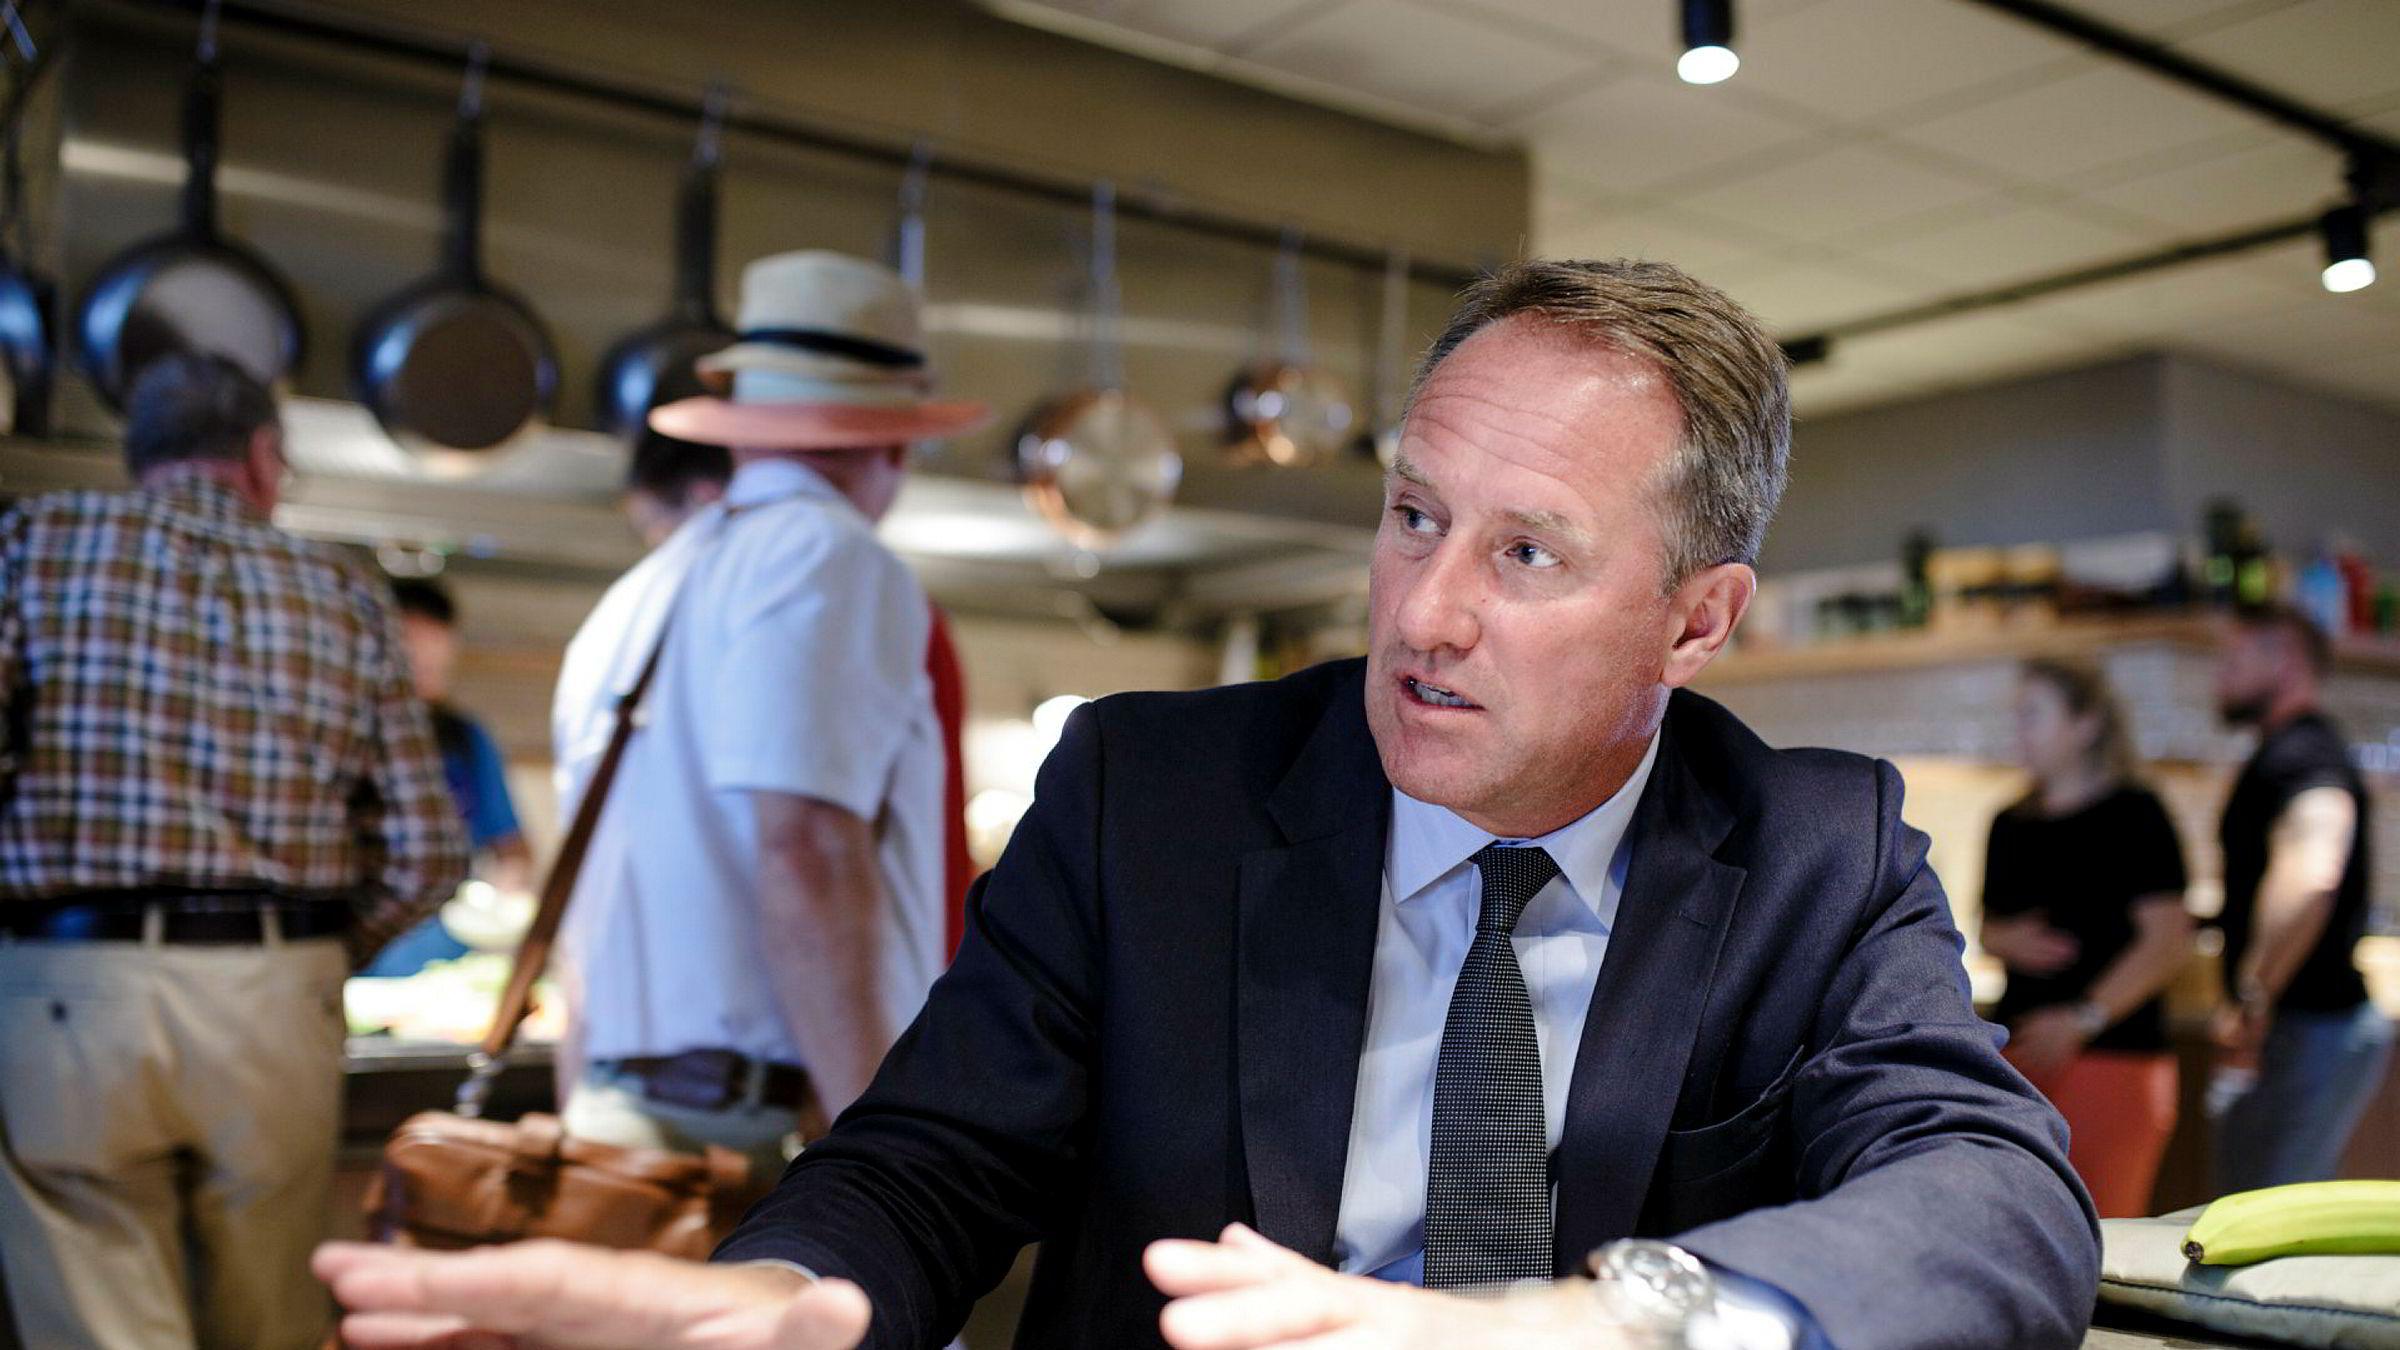 SAS' visekonsernsjef og operative direktør Lars Sandahl Sørensen var blant sommerturister i SAS-loungen på Gardermoen torsdag. Han varsler flere kanselleringer grunnet pilotmangel, men jobber med et nytt og bedre tilbud for de flyvende ved nye baser i utlandet.